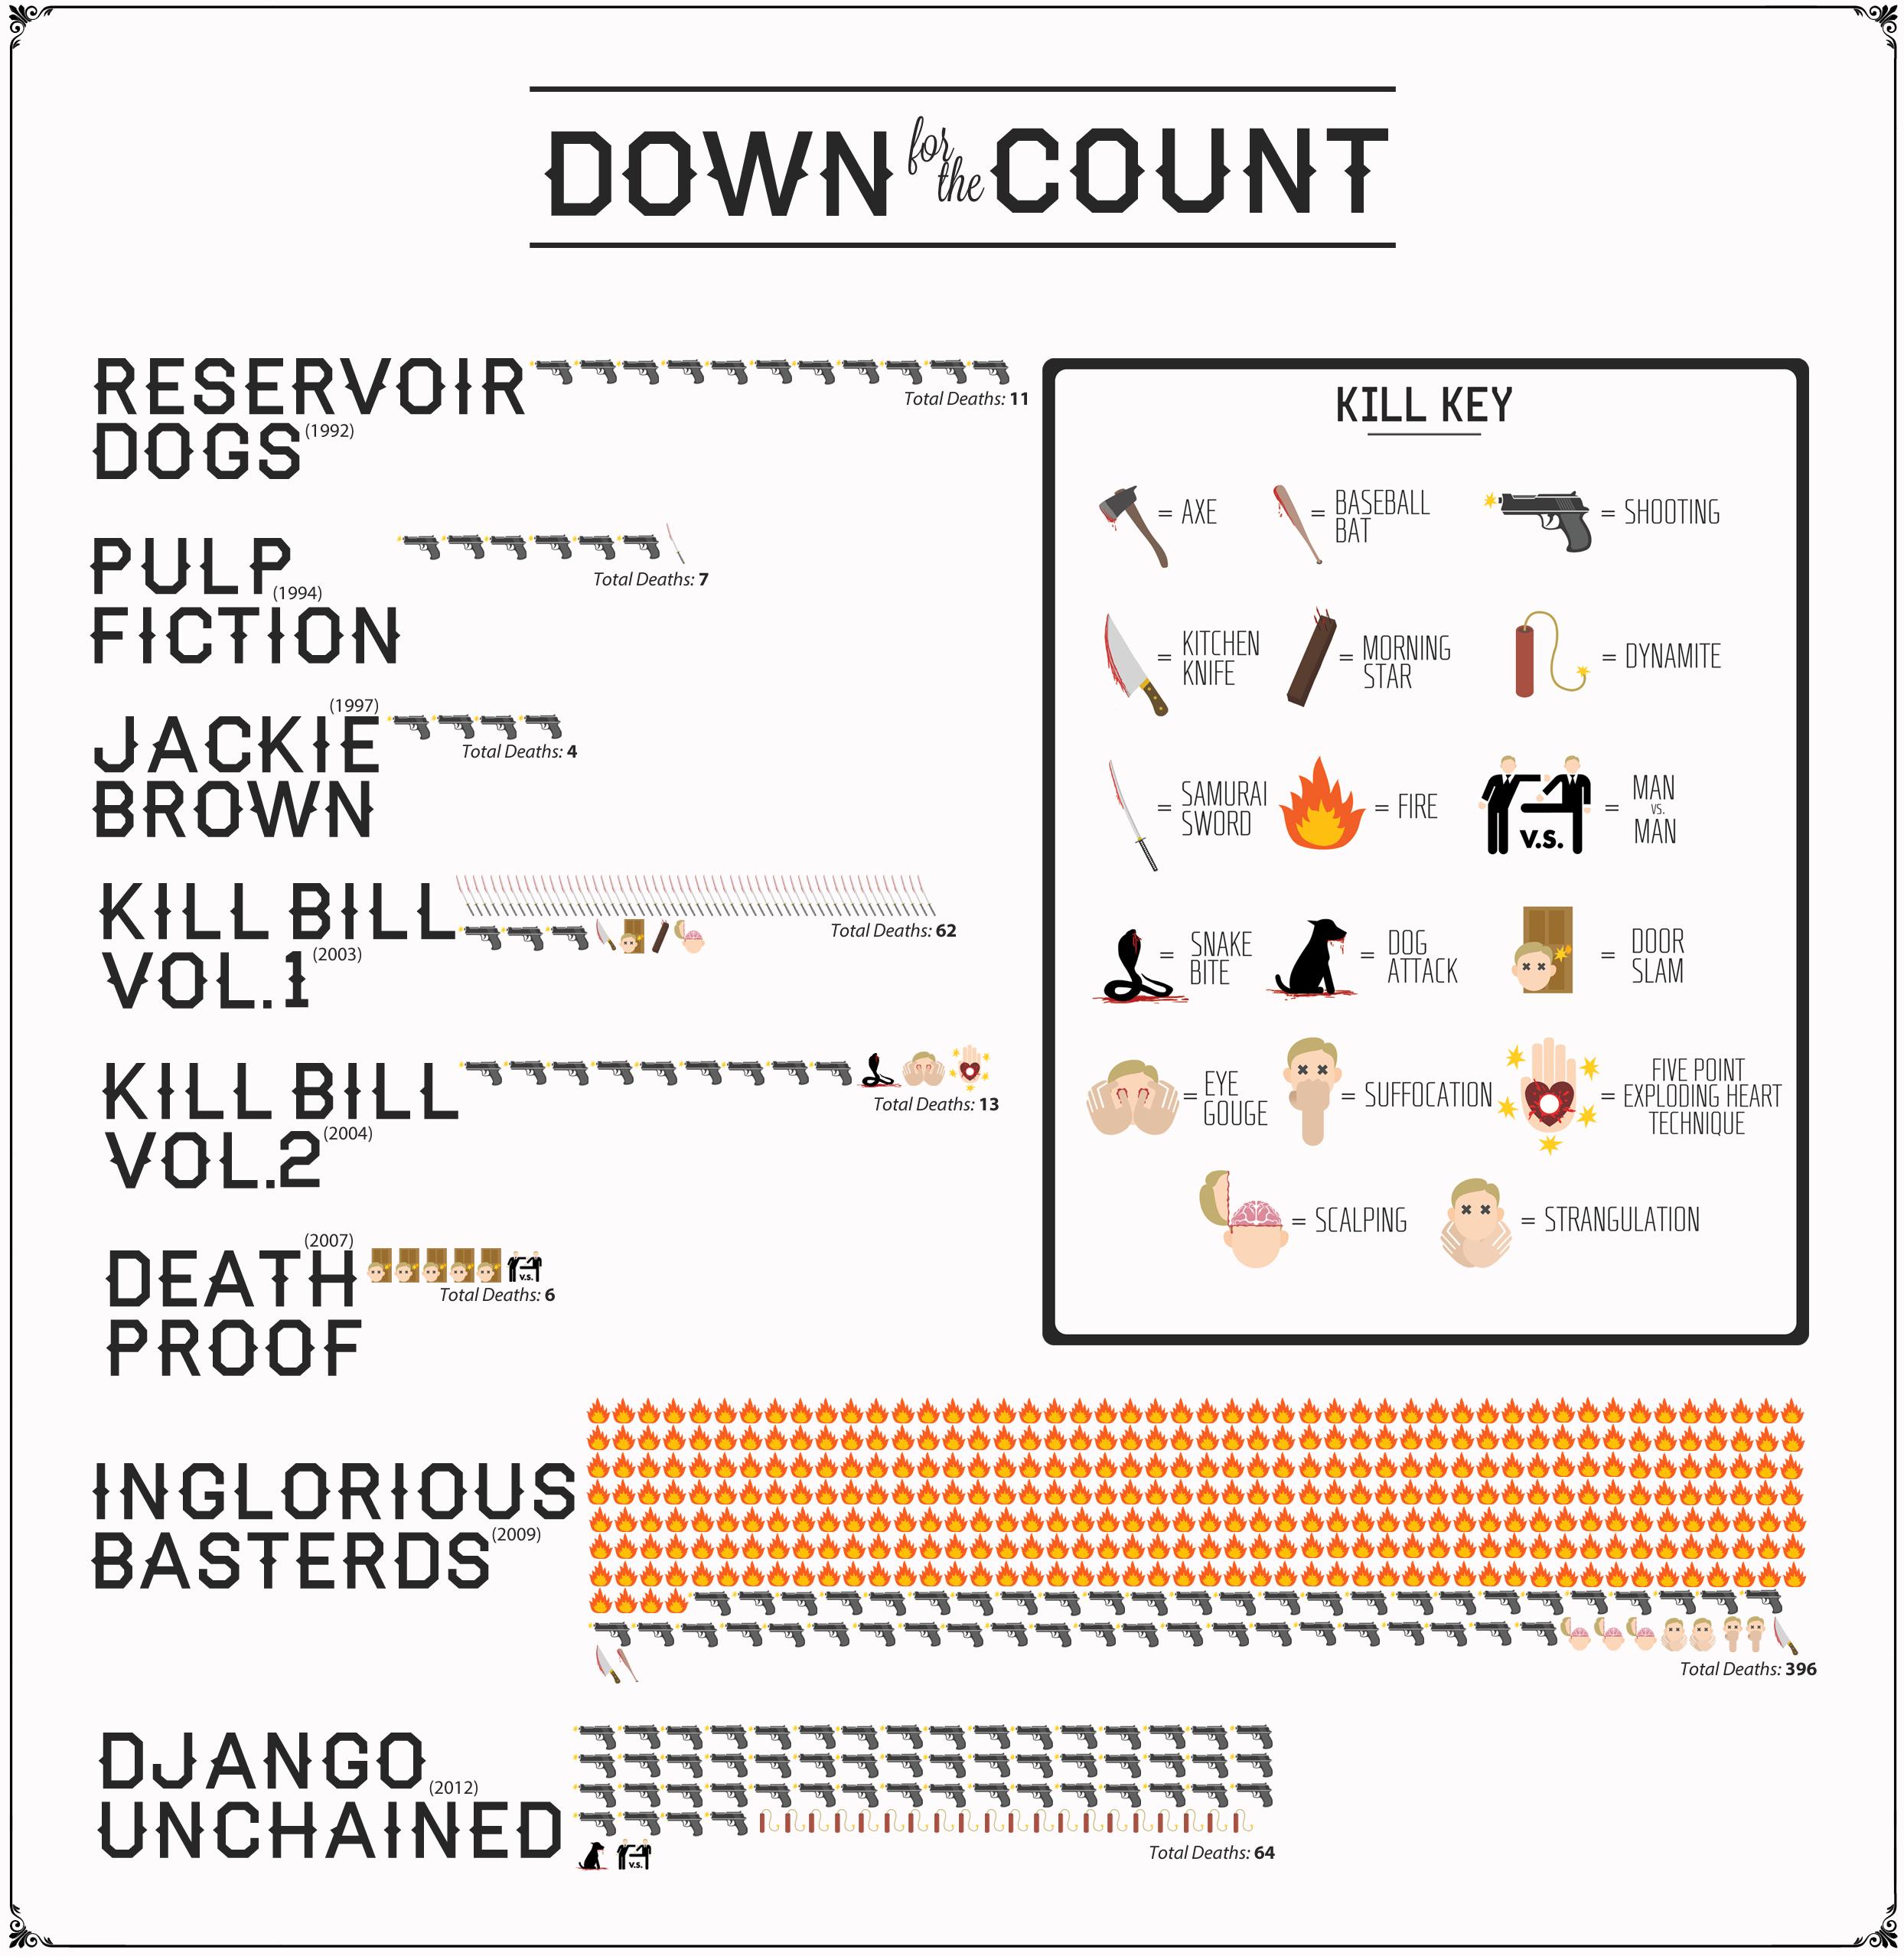 Tutti i morti nei film di Quentin Tarantino